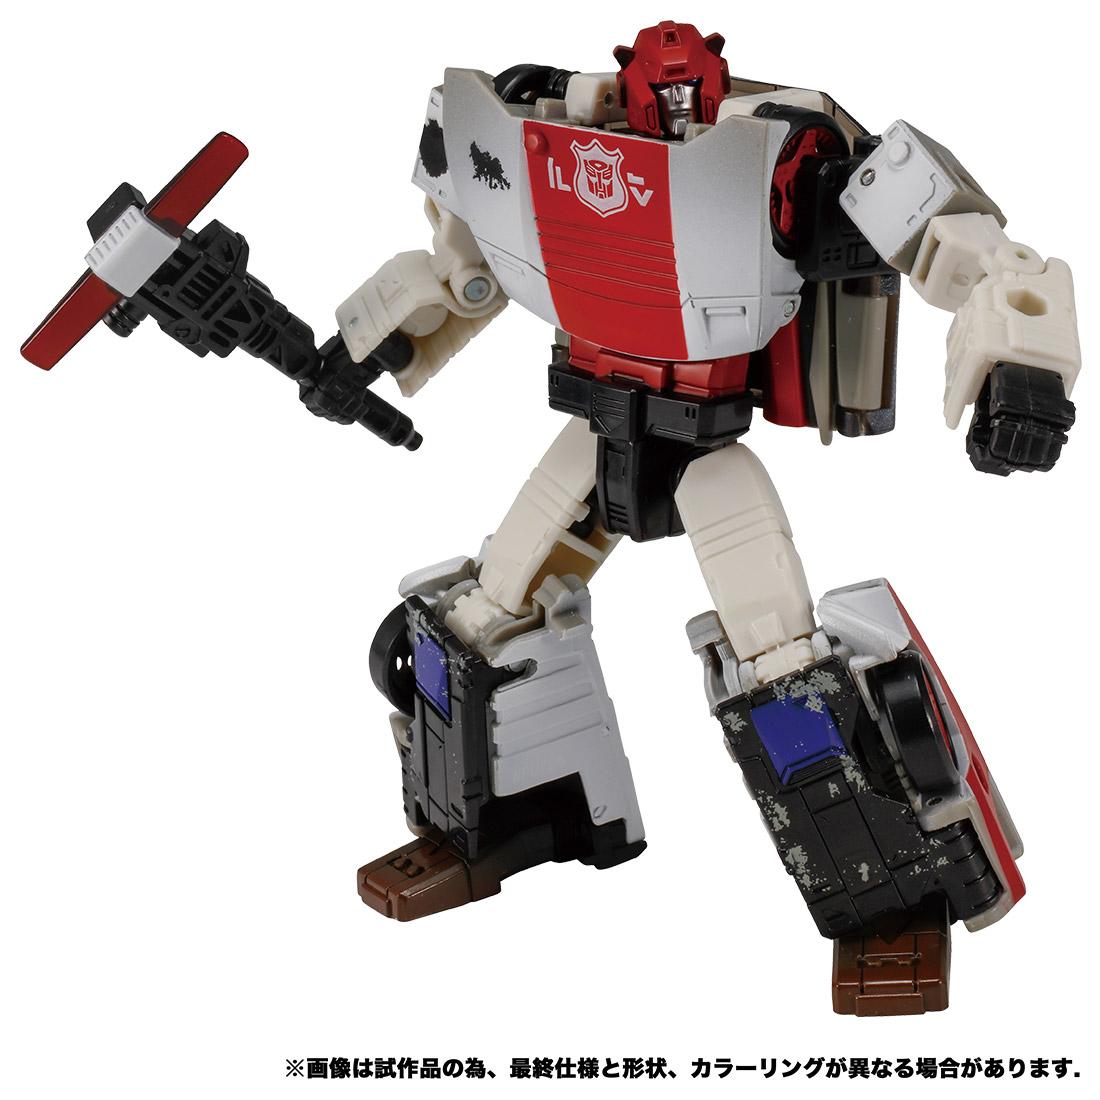 トランスフォーマー ウォーフォーサイバトロン『WFC-13 レッドアラート』可変可動フィギュア-001